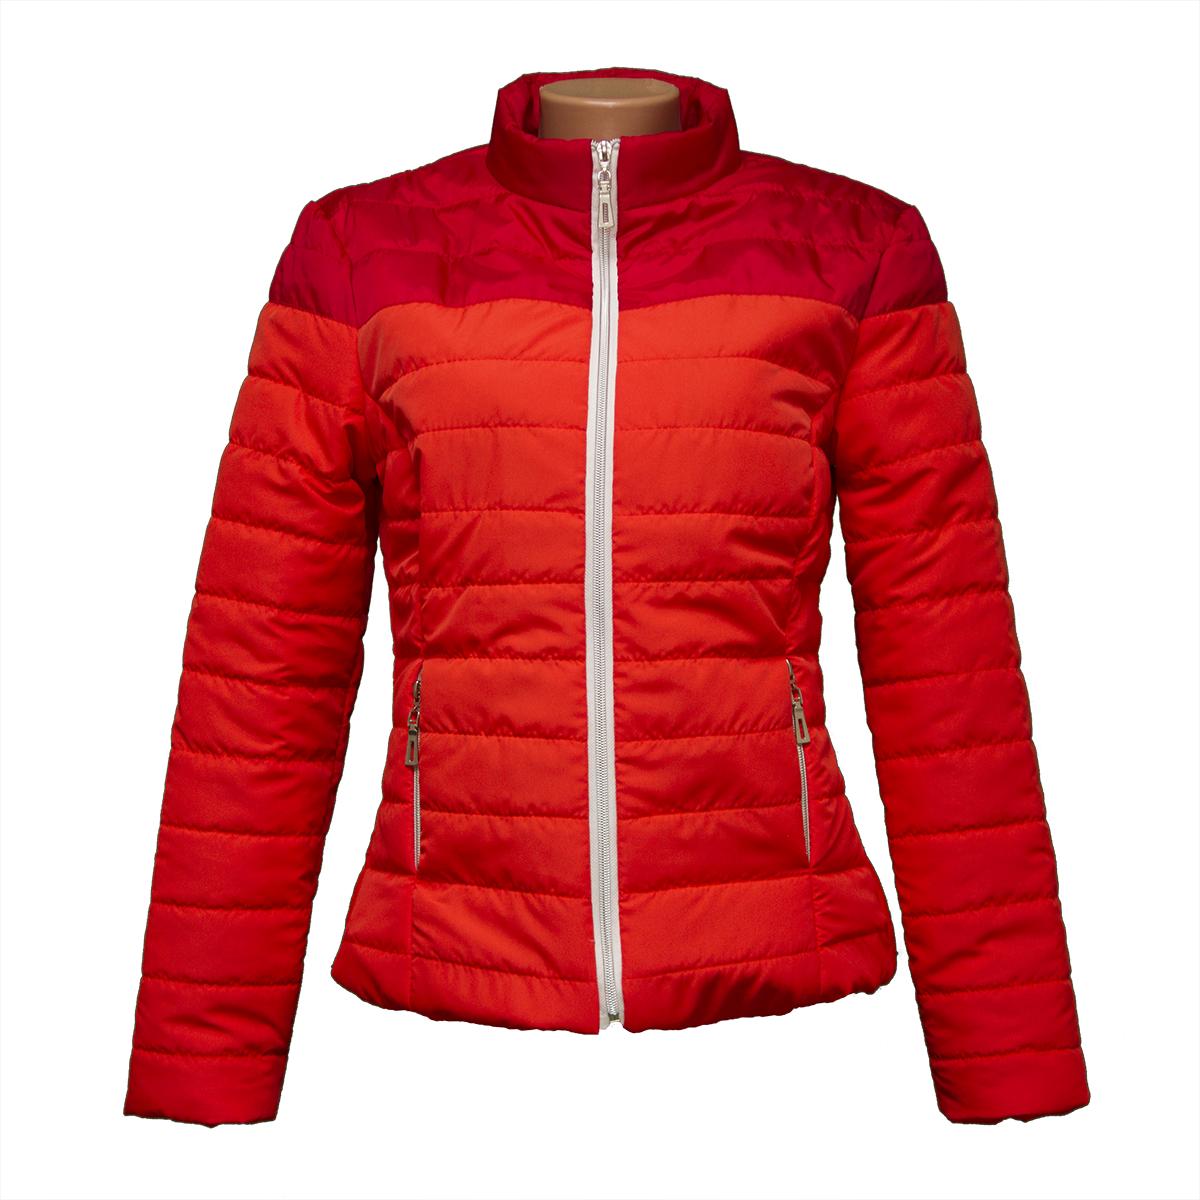 e70e132bfd31 Женская демисезонная куртка от производителя новые модели KD1377-2 ...